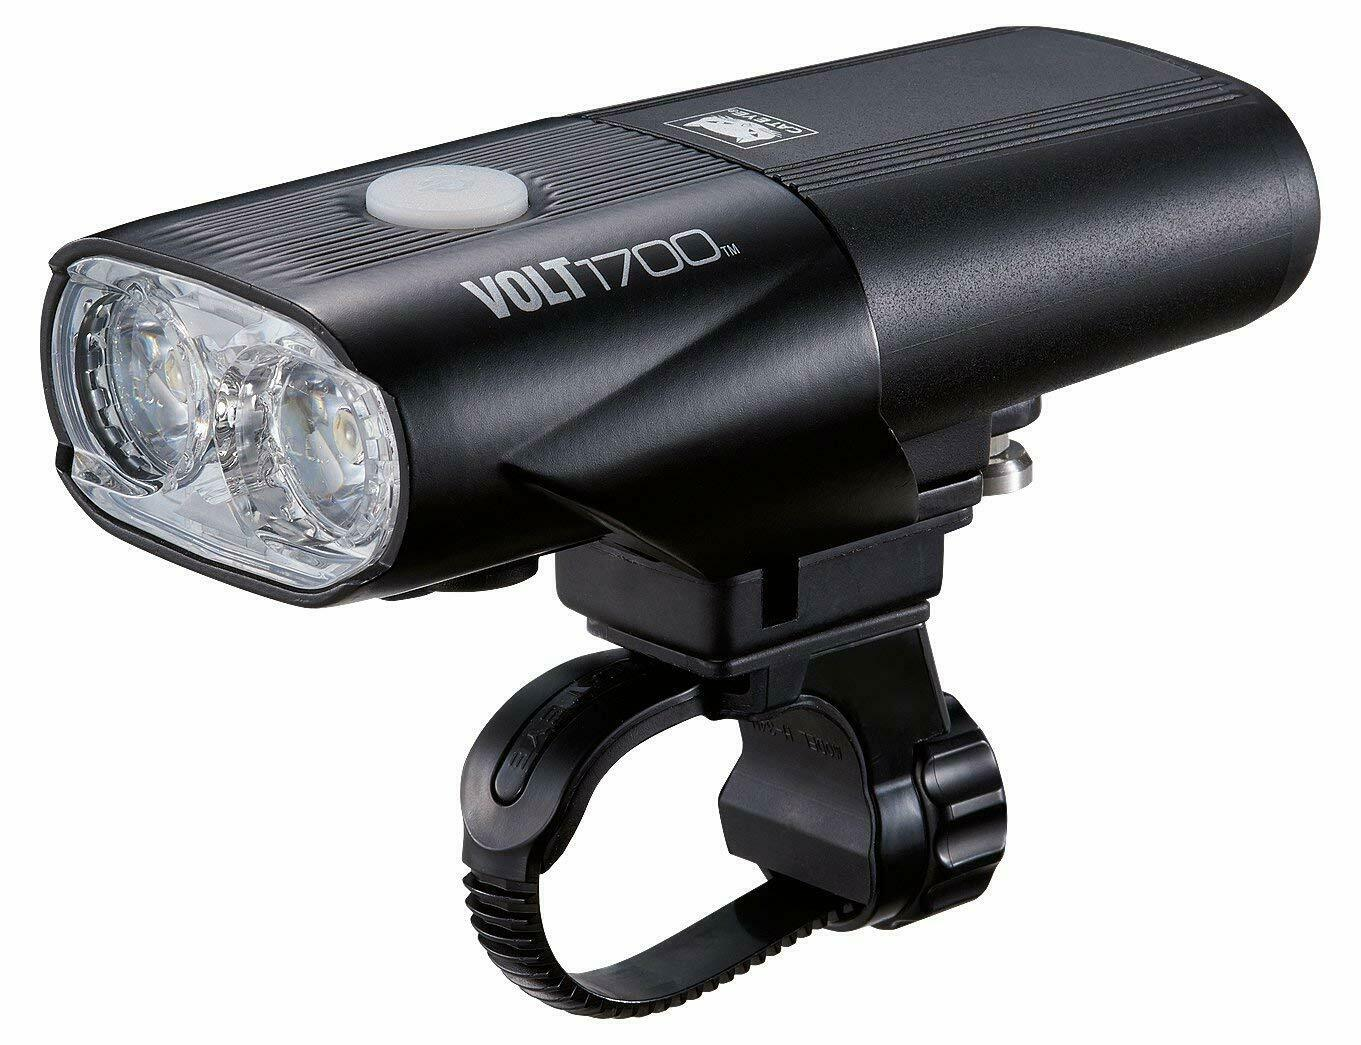 noir Cateye Volt 1700 Rc Rech 1700 lm Road Bike Light-Front défaut noir